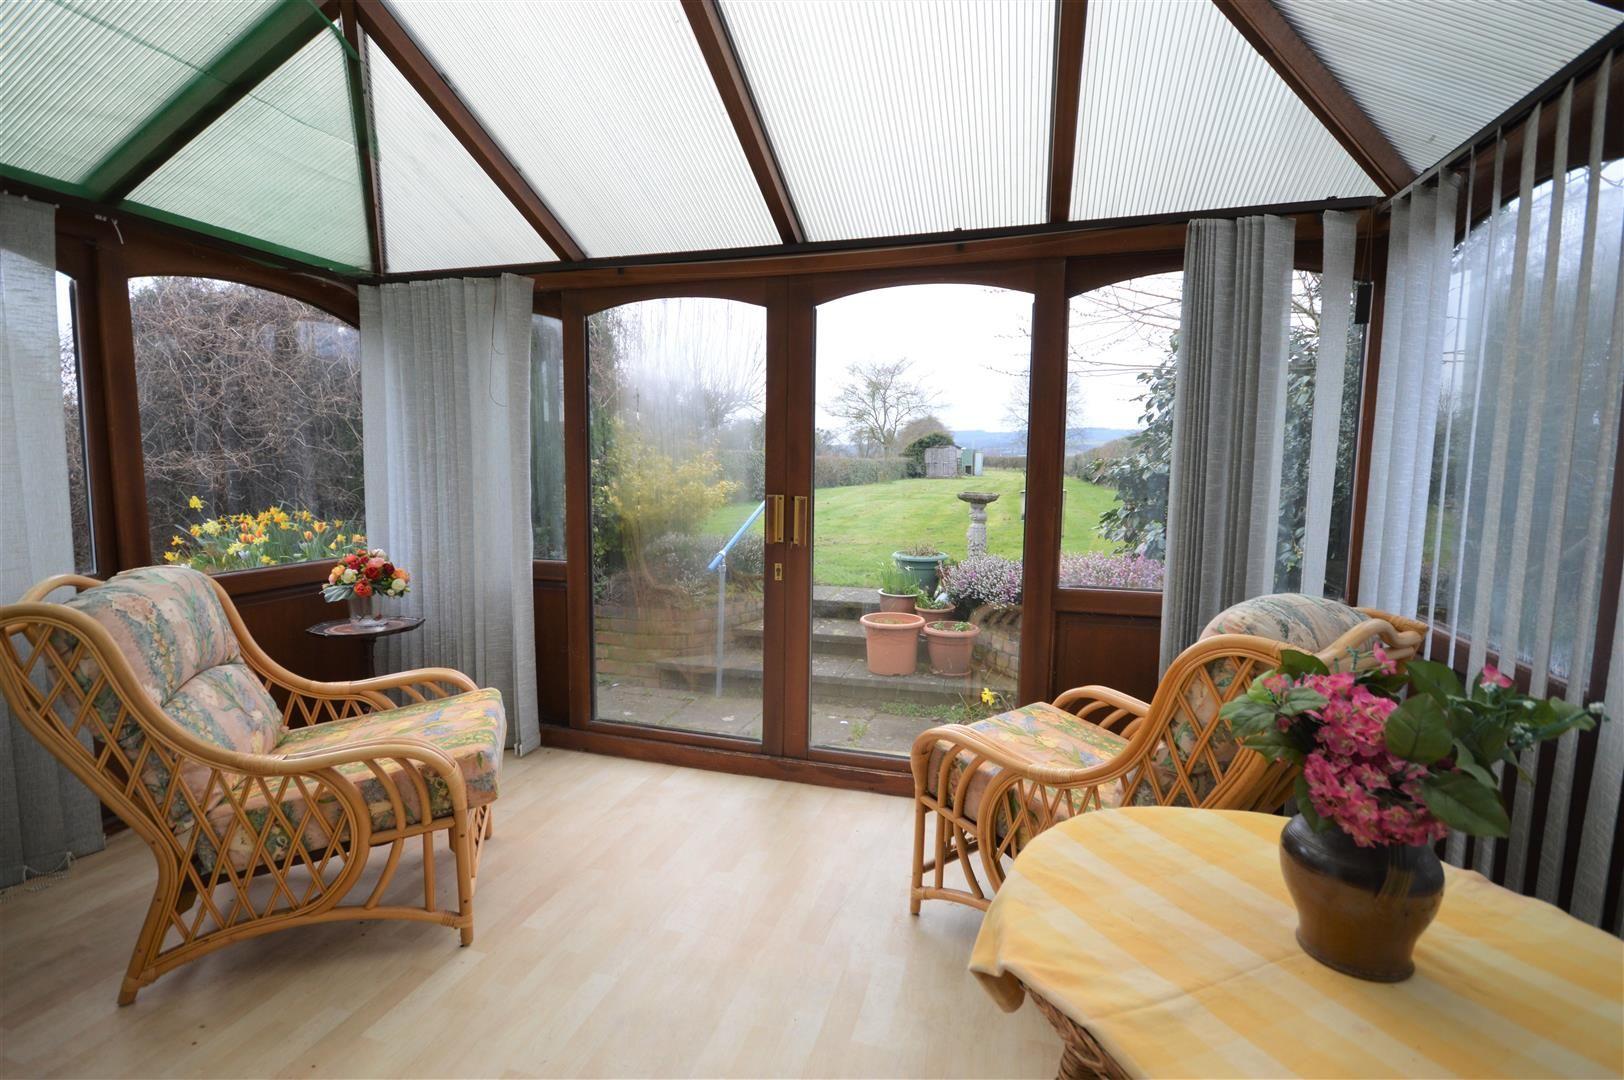 3 bed detached for sale in Kingsland  - Property Image 4